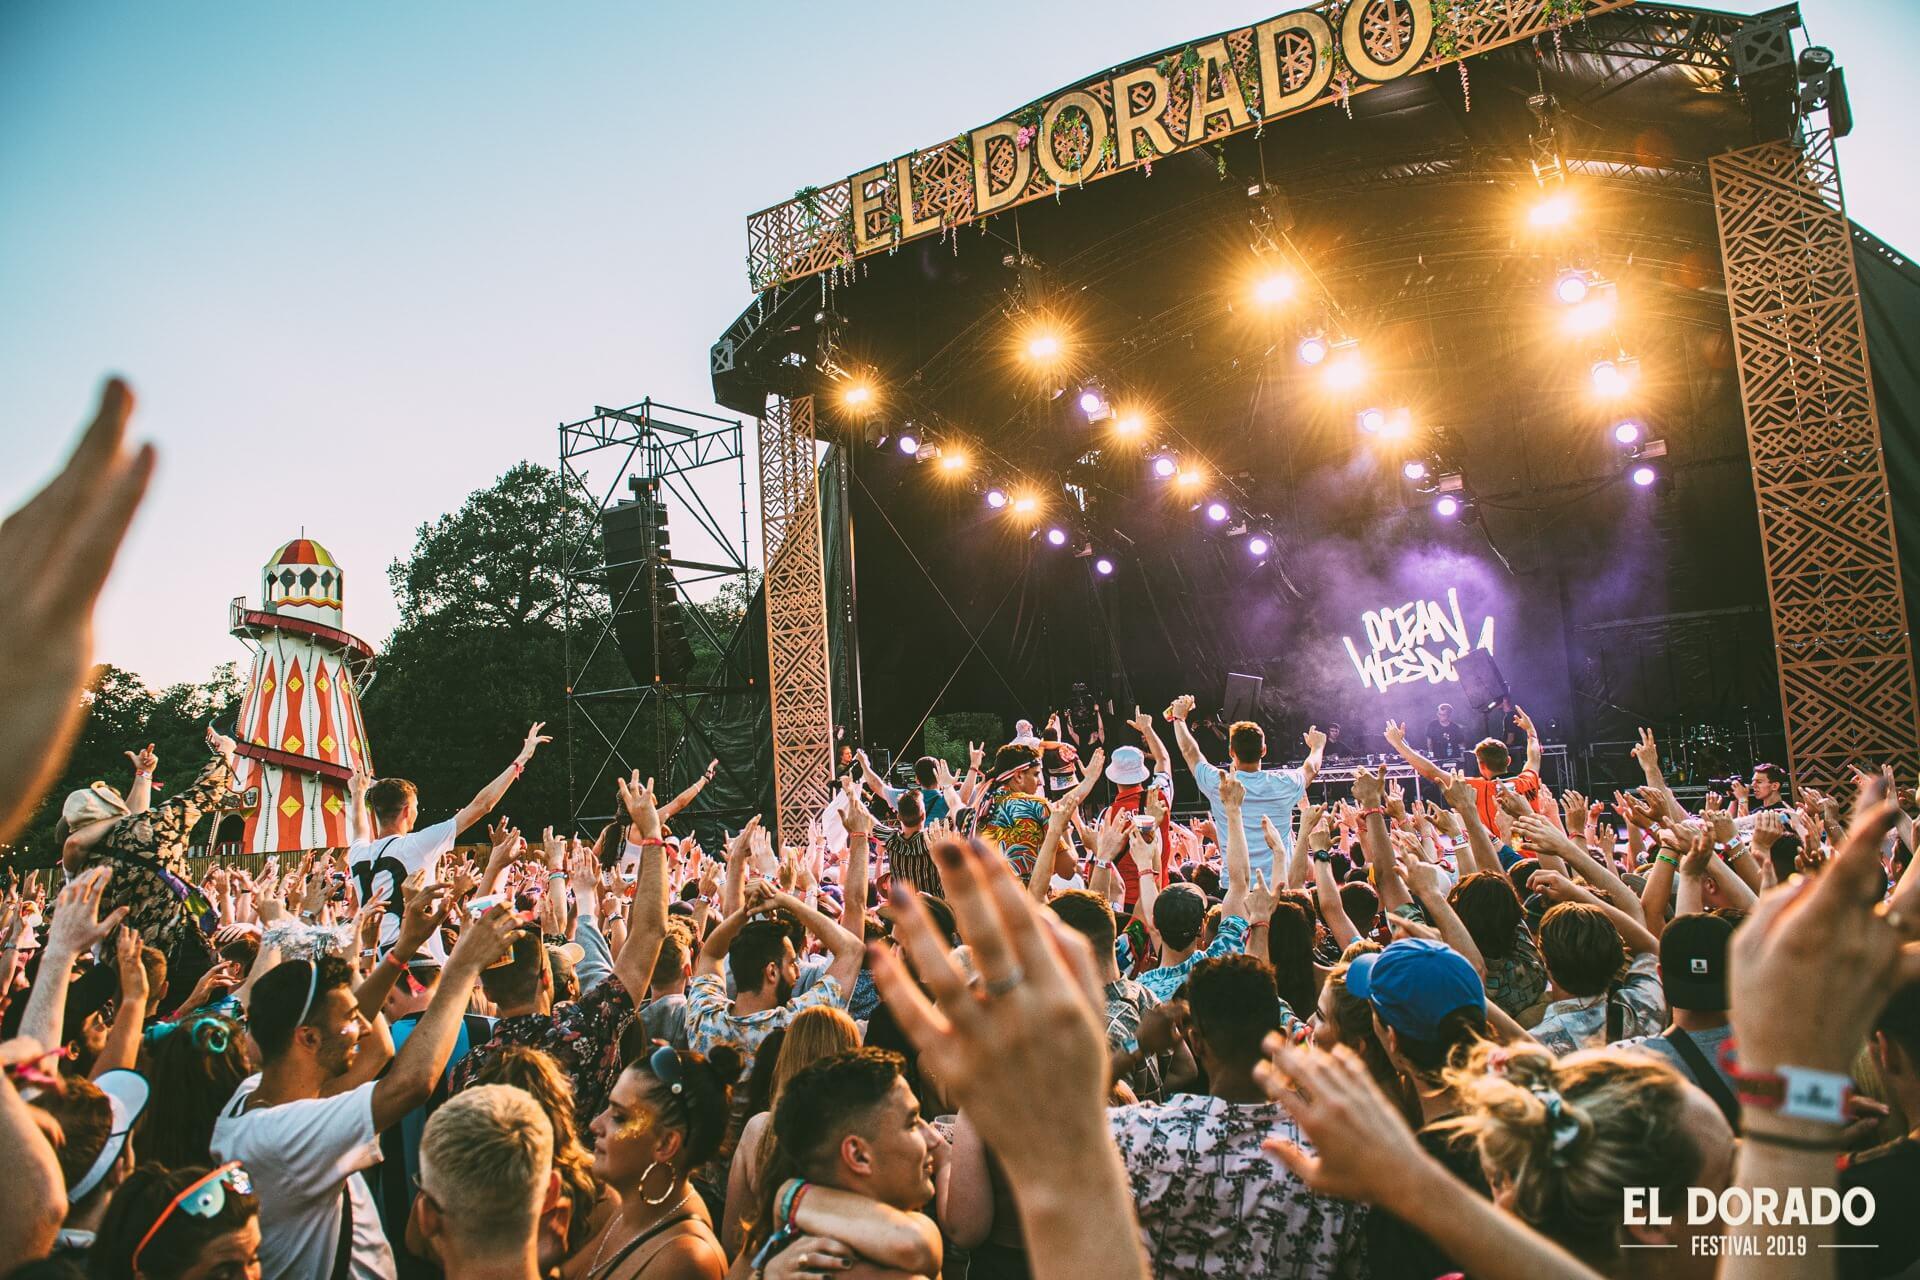 Eldorado festival event pic 1